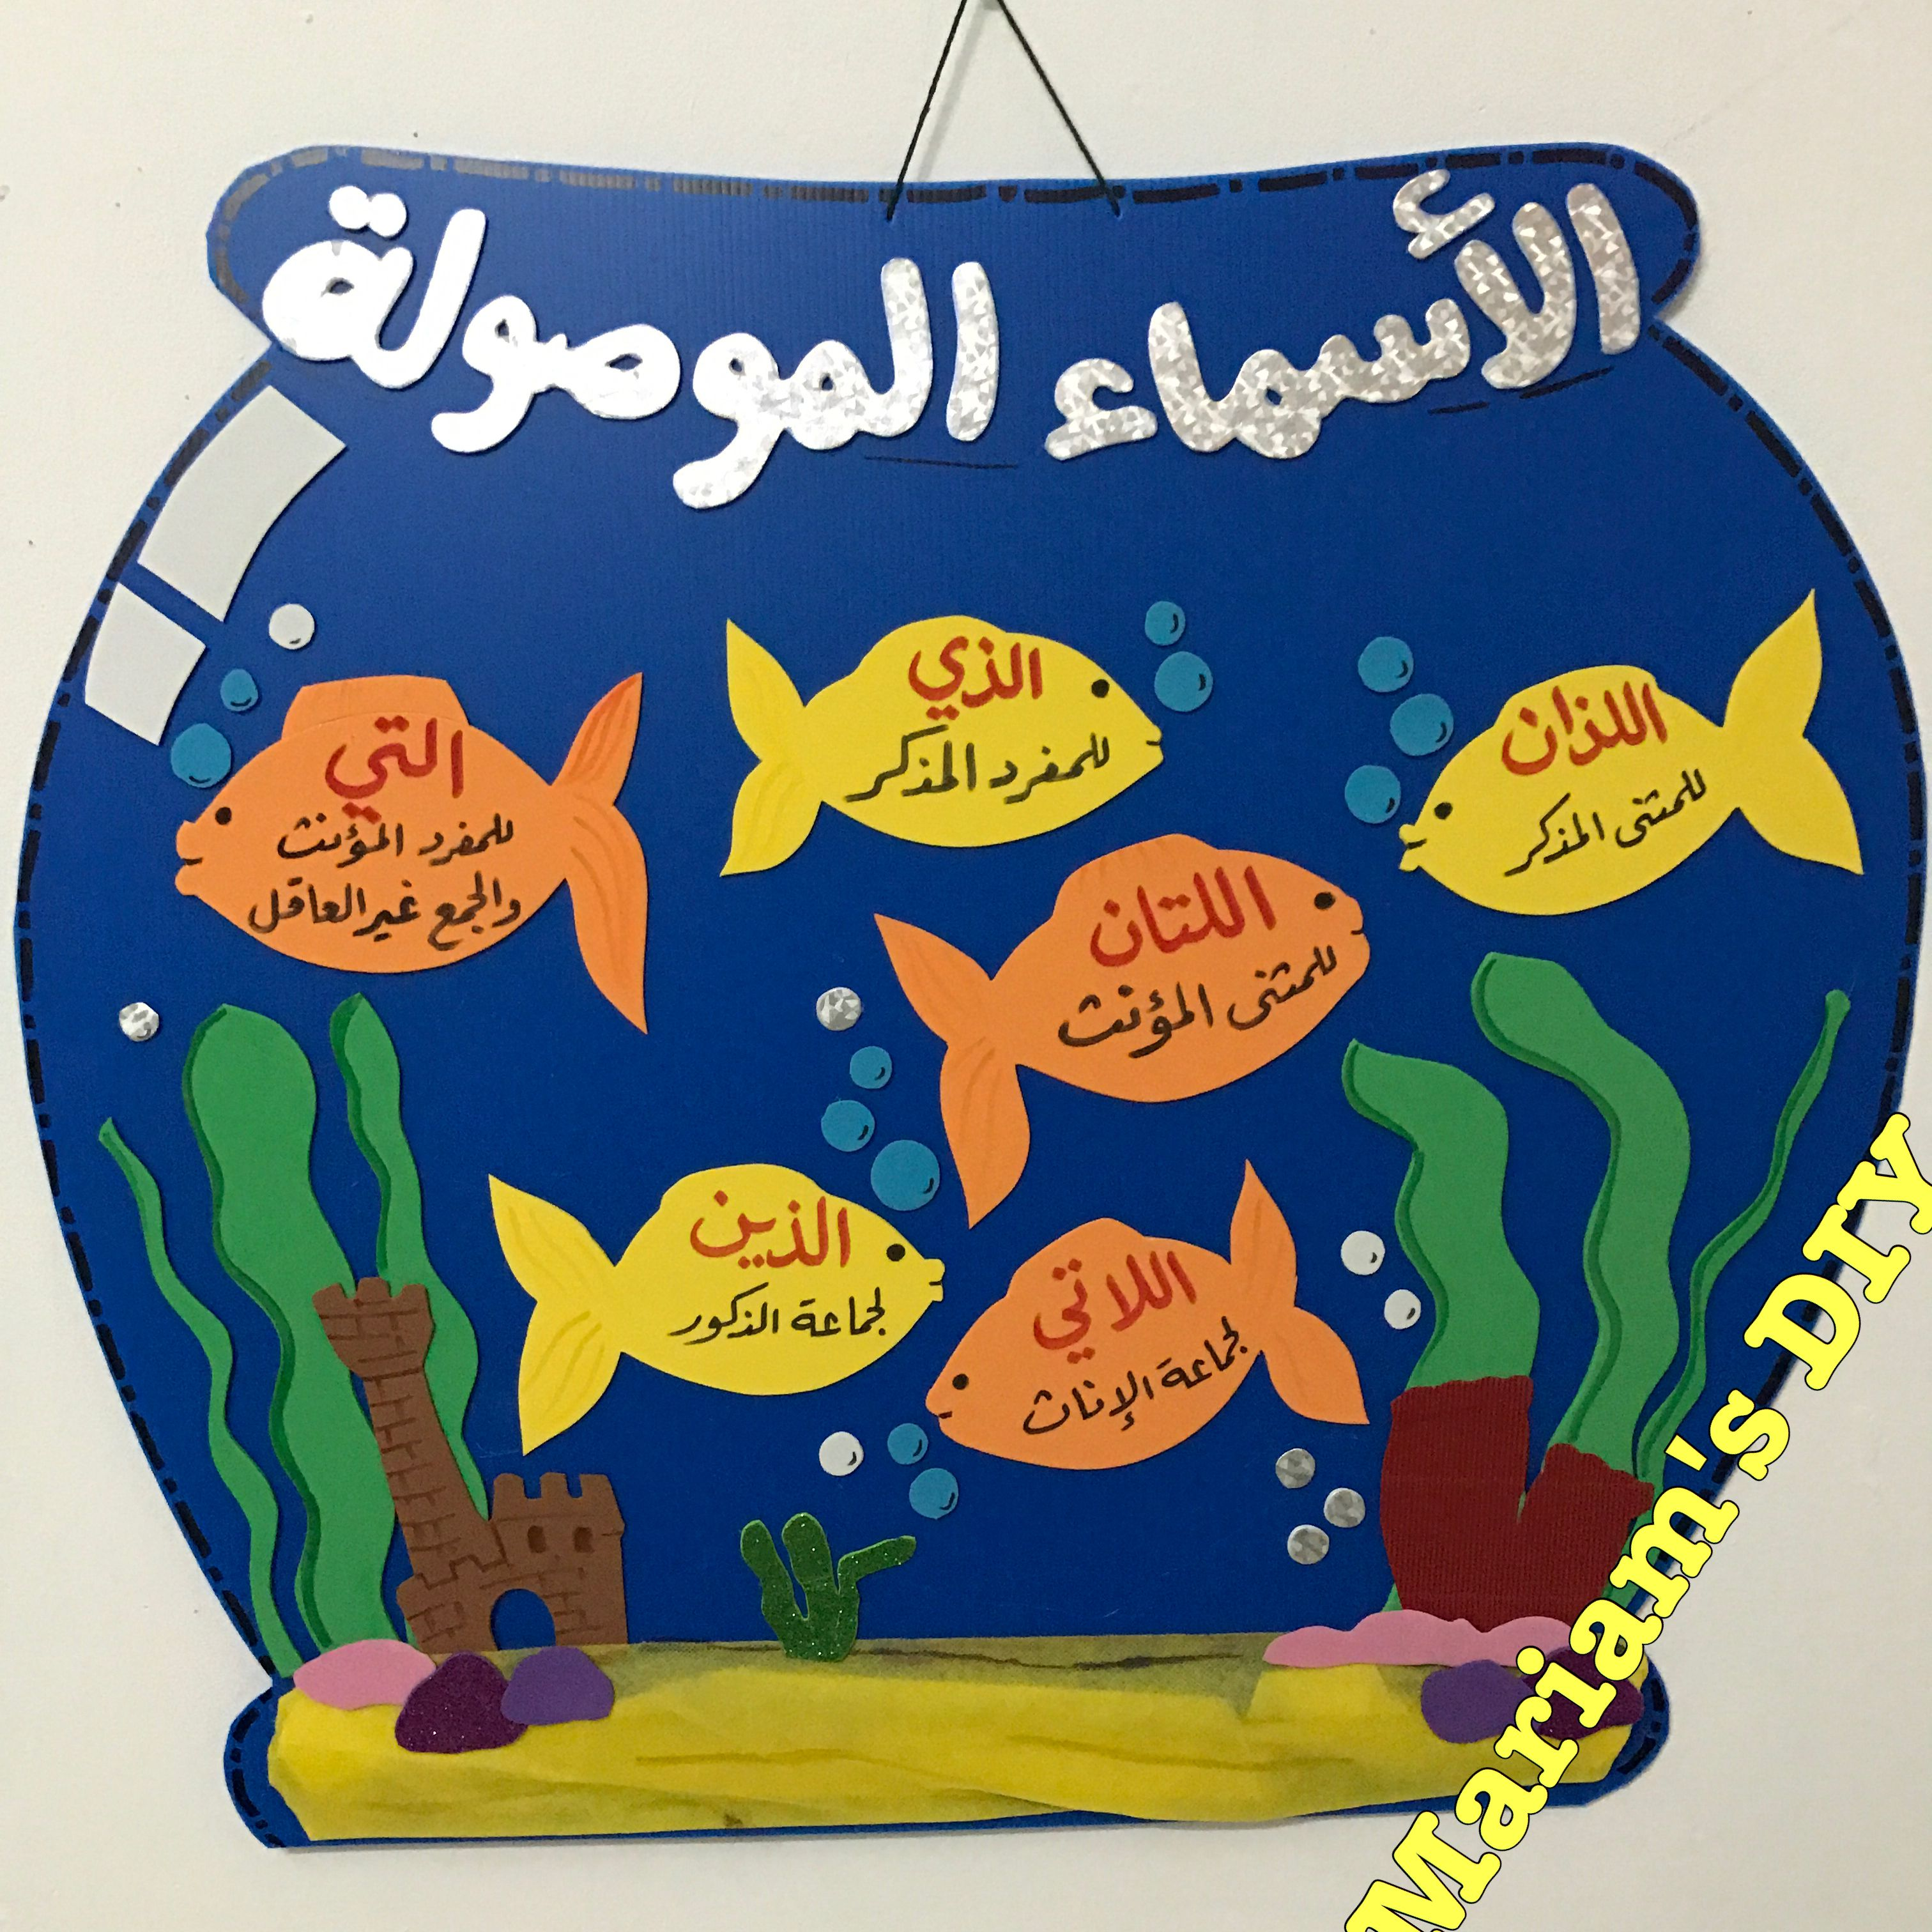 وسيلة الاسماء الموصولة Learning Arabic Learn Arabic Alphabet Arabic Alphabet For Kids